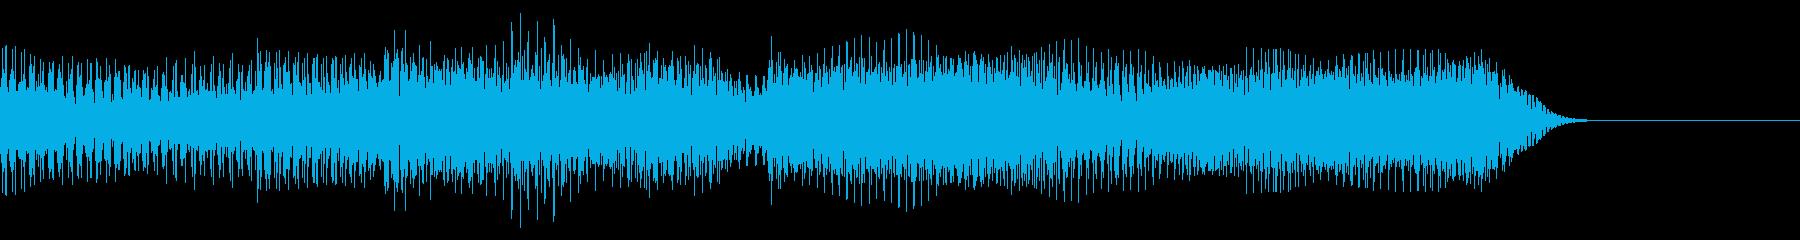 テッテレ(入手) 8bit 普通スピードの再生済みの波形